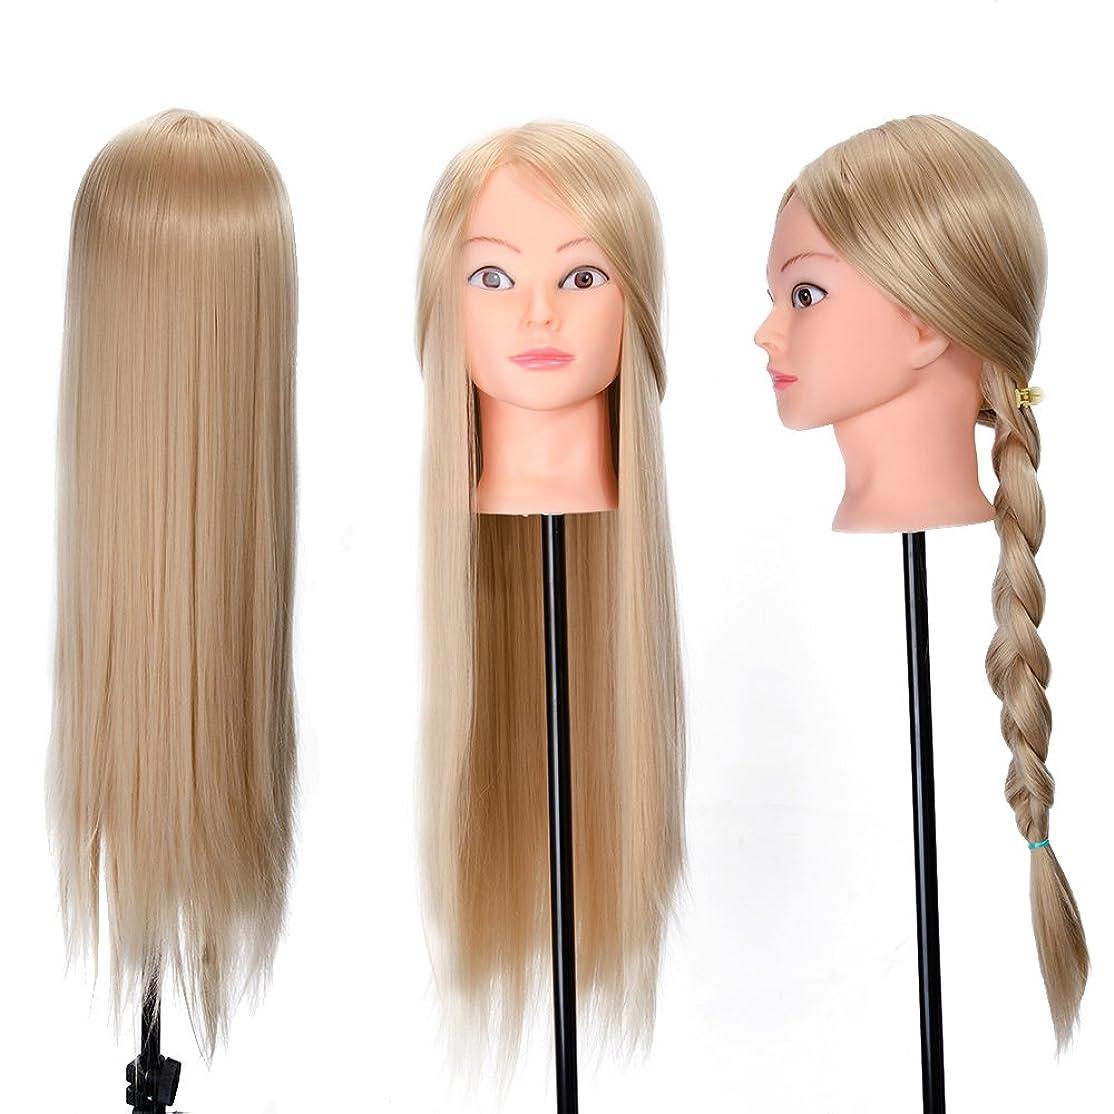 貸すタッチバージン26インチトレーニングヘッドヘア編組モデルヘアスタイル人形でテーブルクランプサロンスタイリングデザインマネキンダミーヘッド